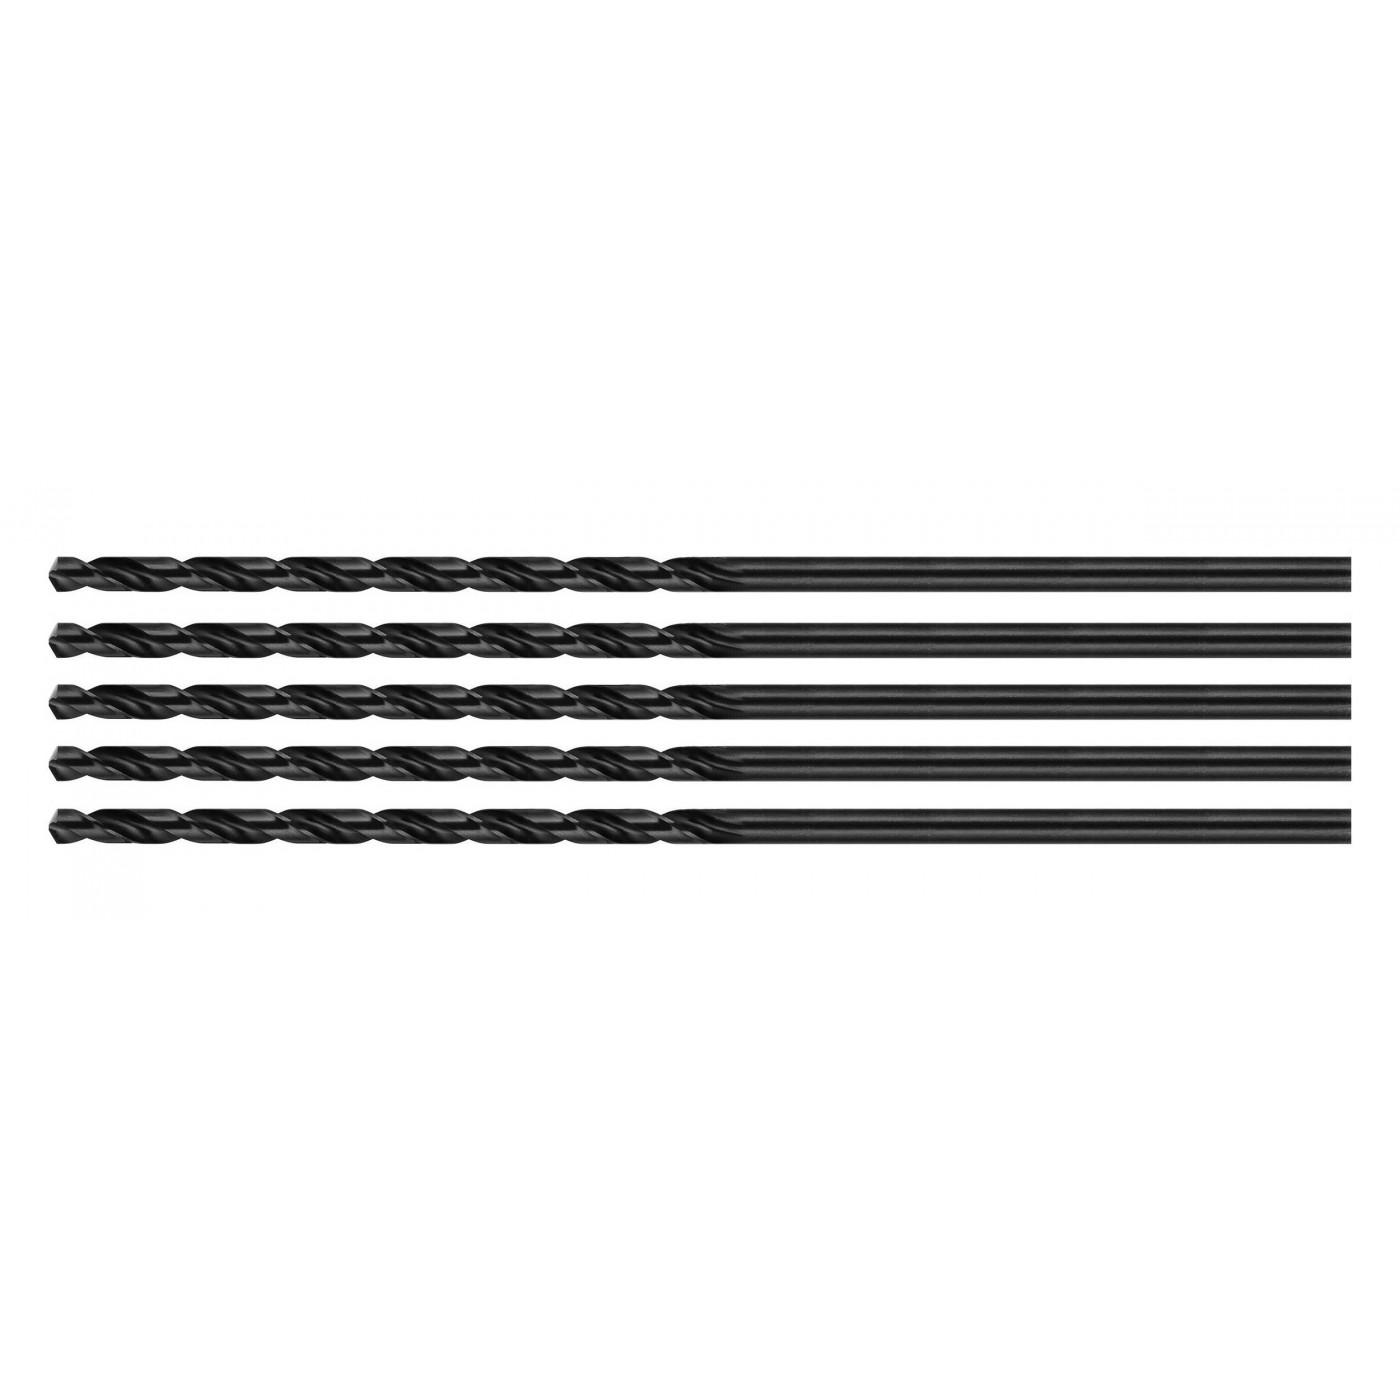 Set van 5 metaalboren (HSS, 3.5x200 mm)